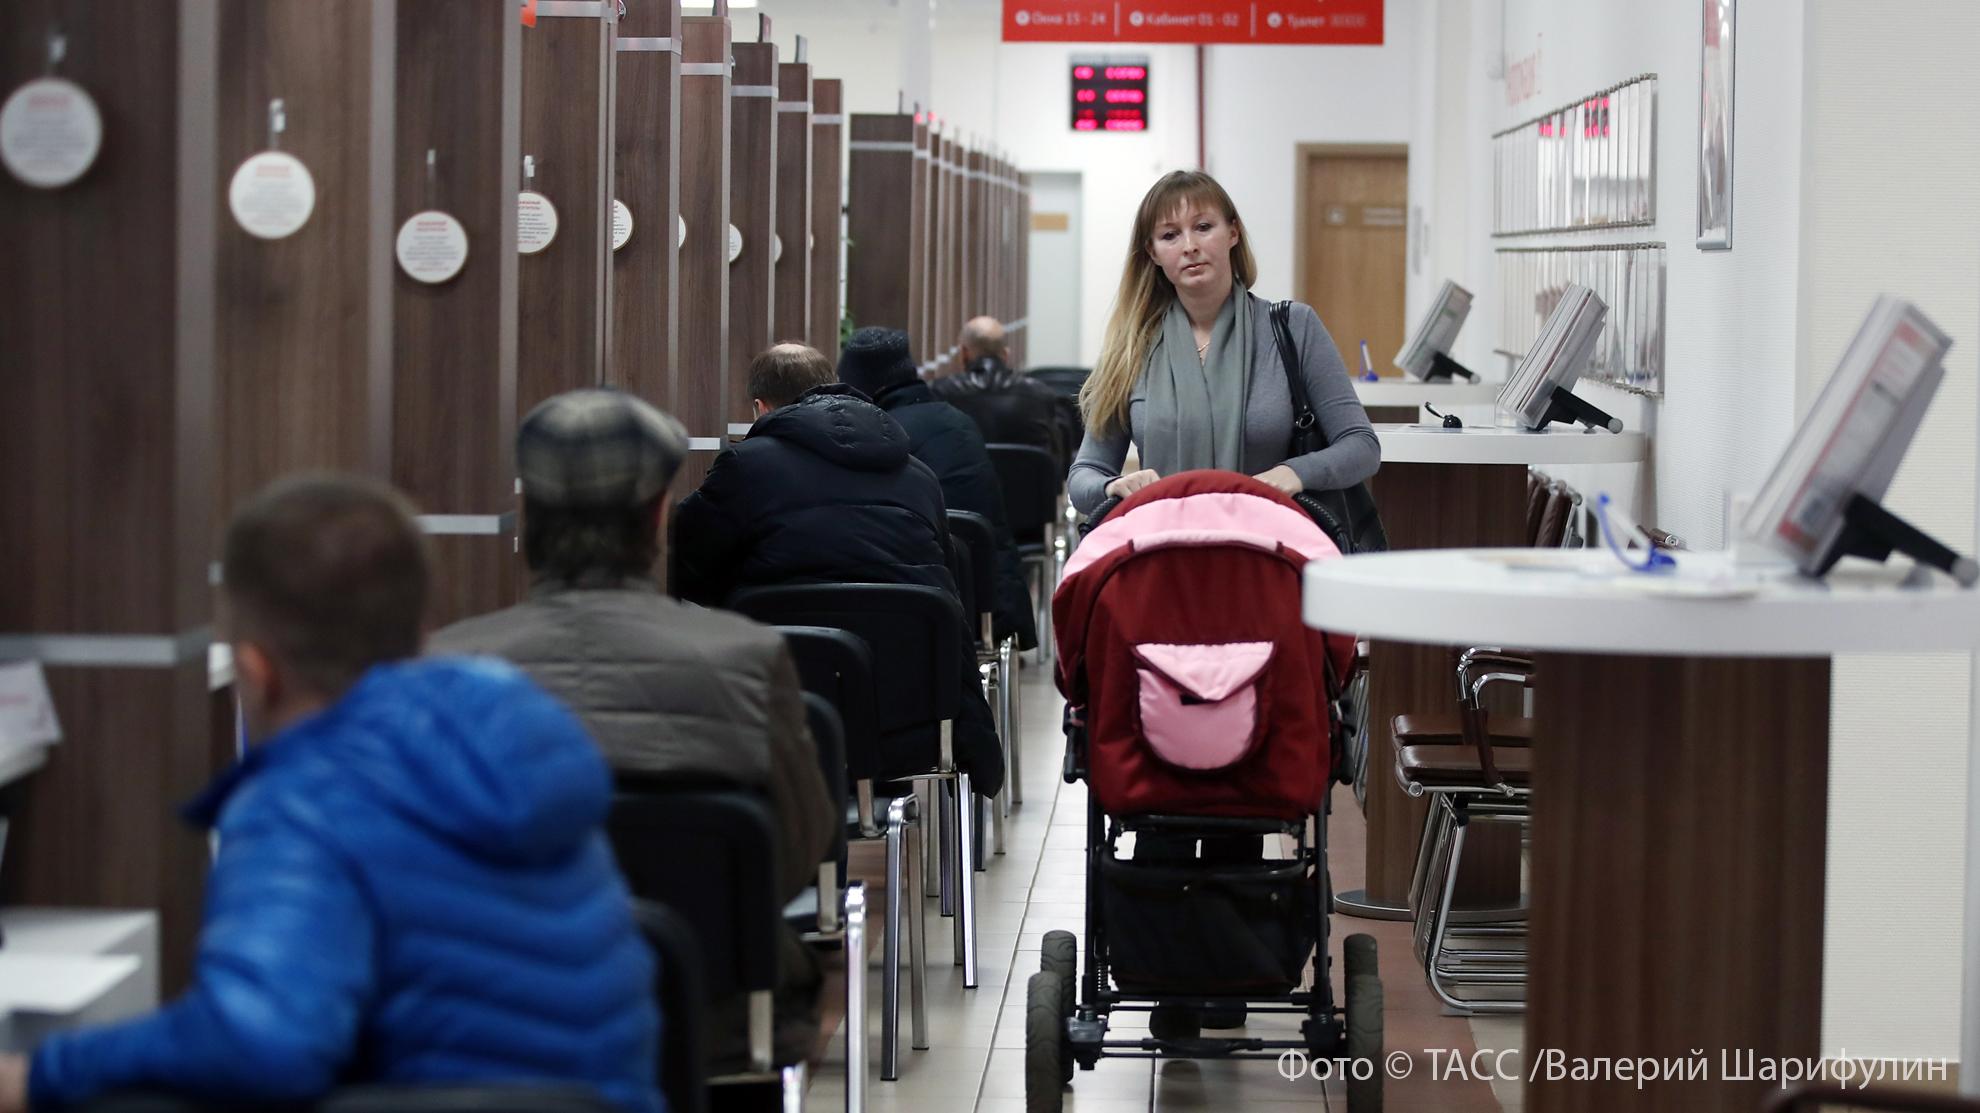 Вступили в силу новые правила предоставления льгот: как будут перечислять пособия, компенсации и материнский капитал